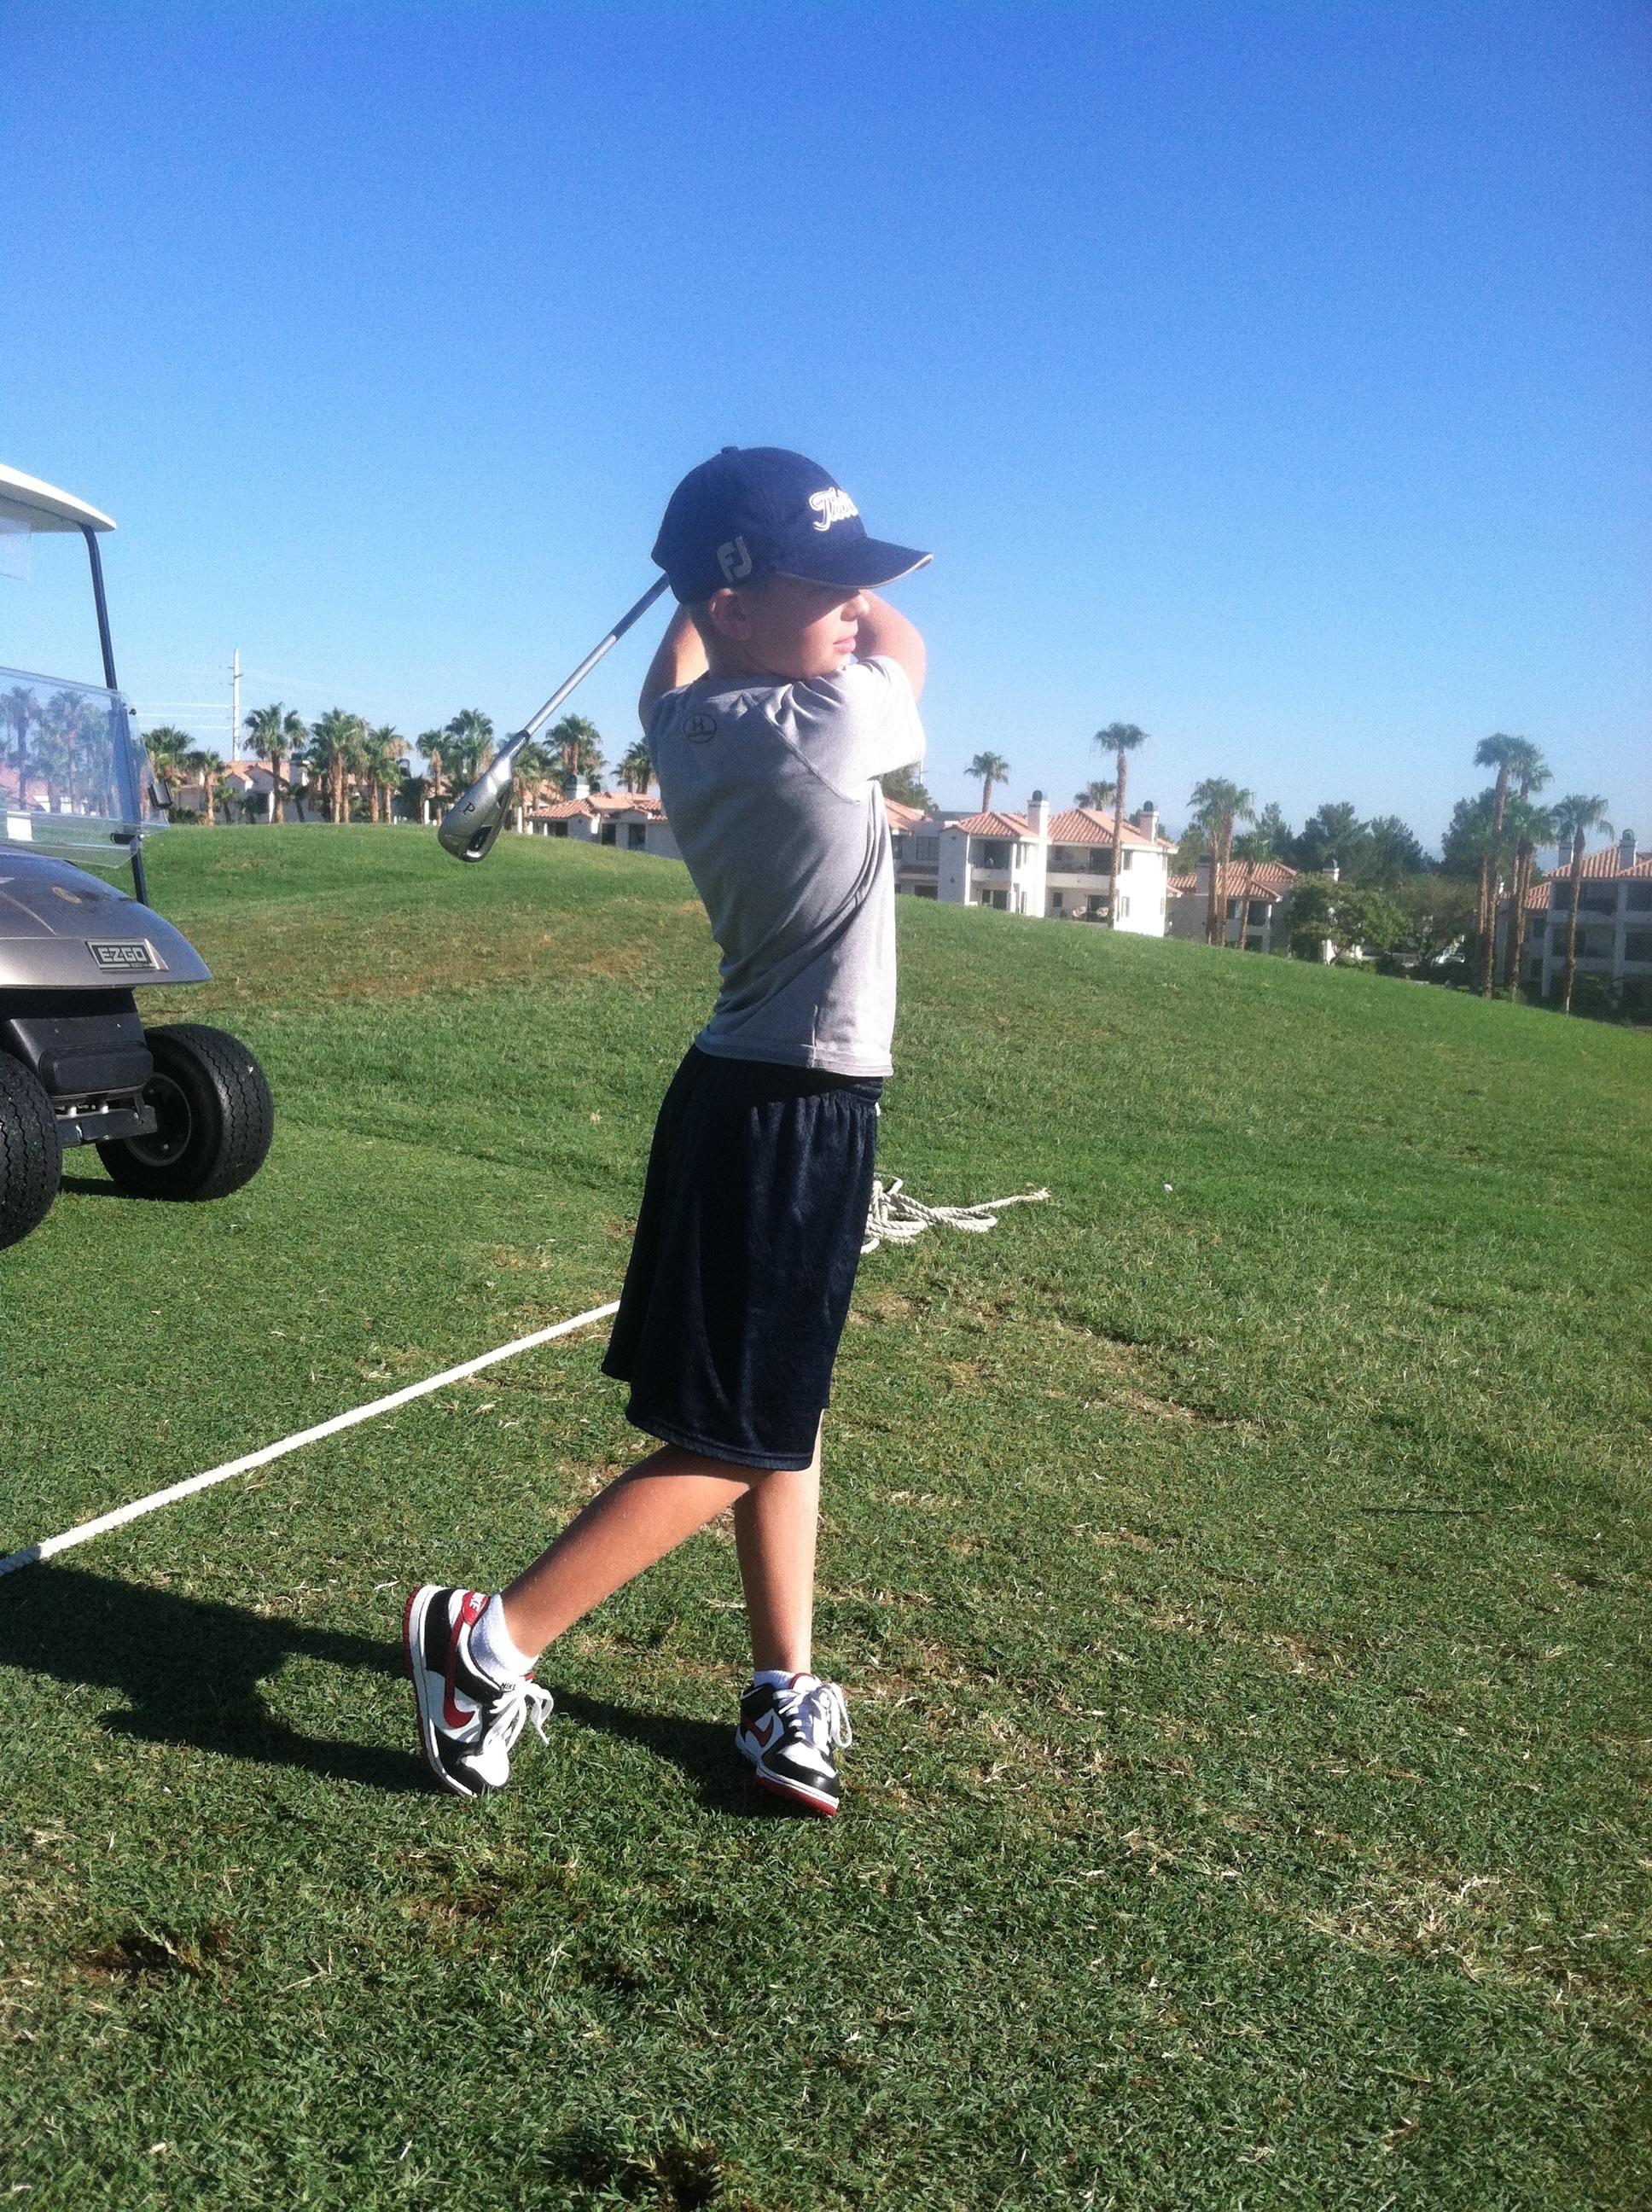 Justin O. - age 9